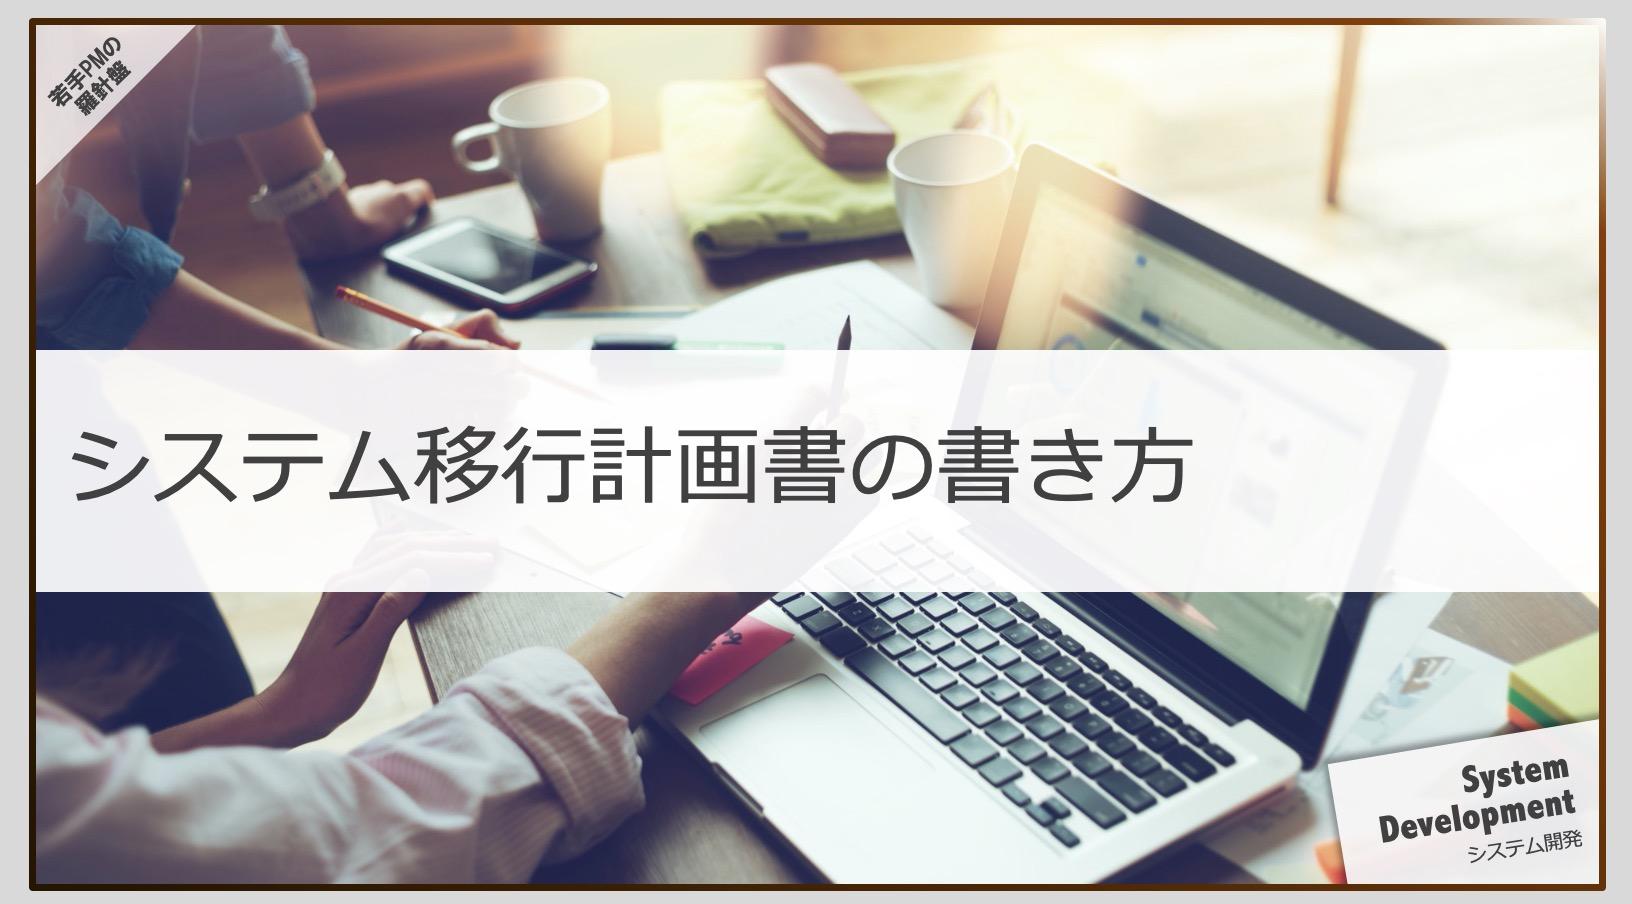 システム移行計画書の書き方(記載例つき)